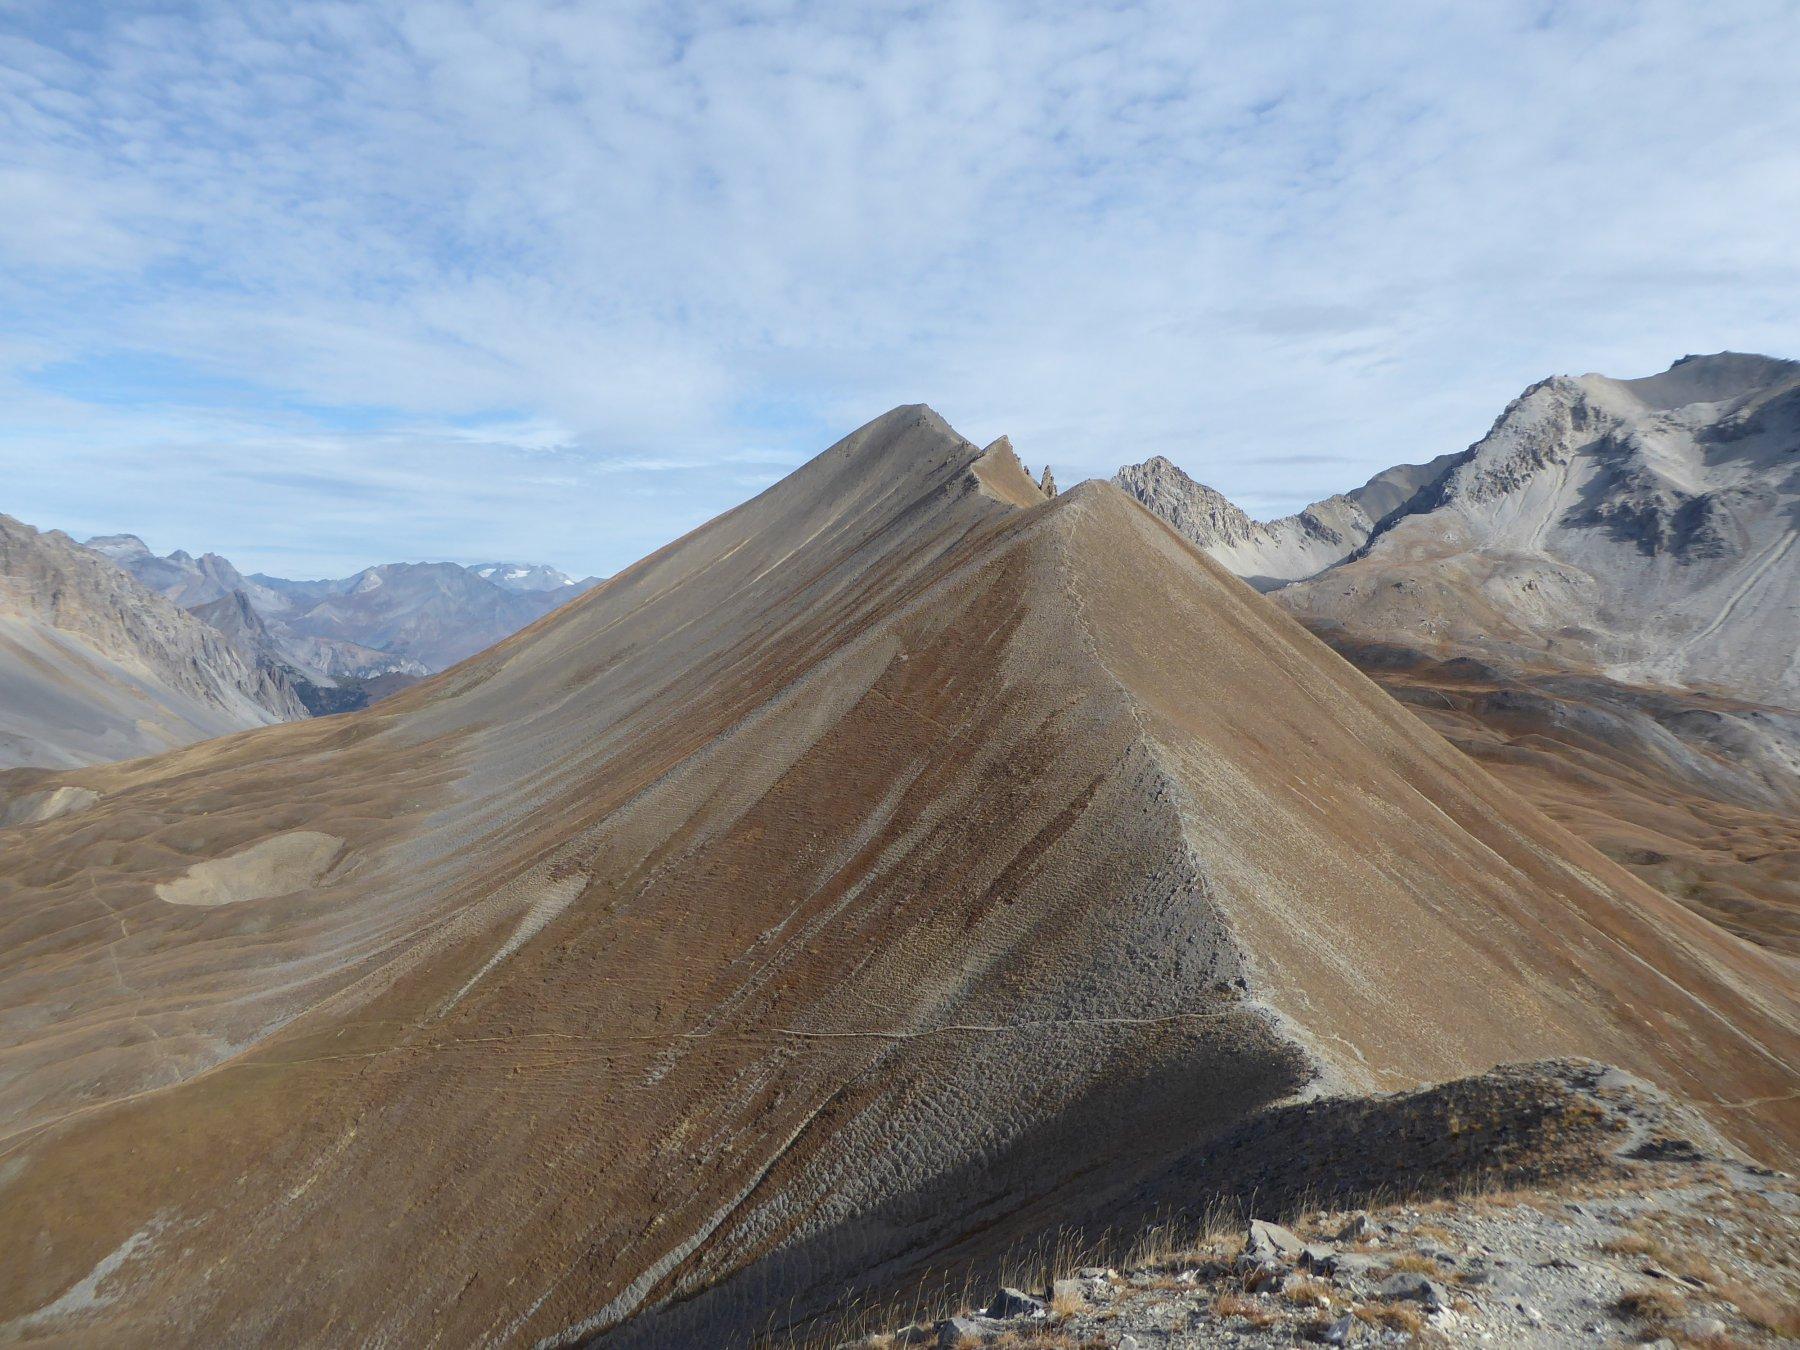 la cresta di salita al Pic du Lauzin: in basso il Col de la Lauze, poi le due anticime, infine il Lauzin